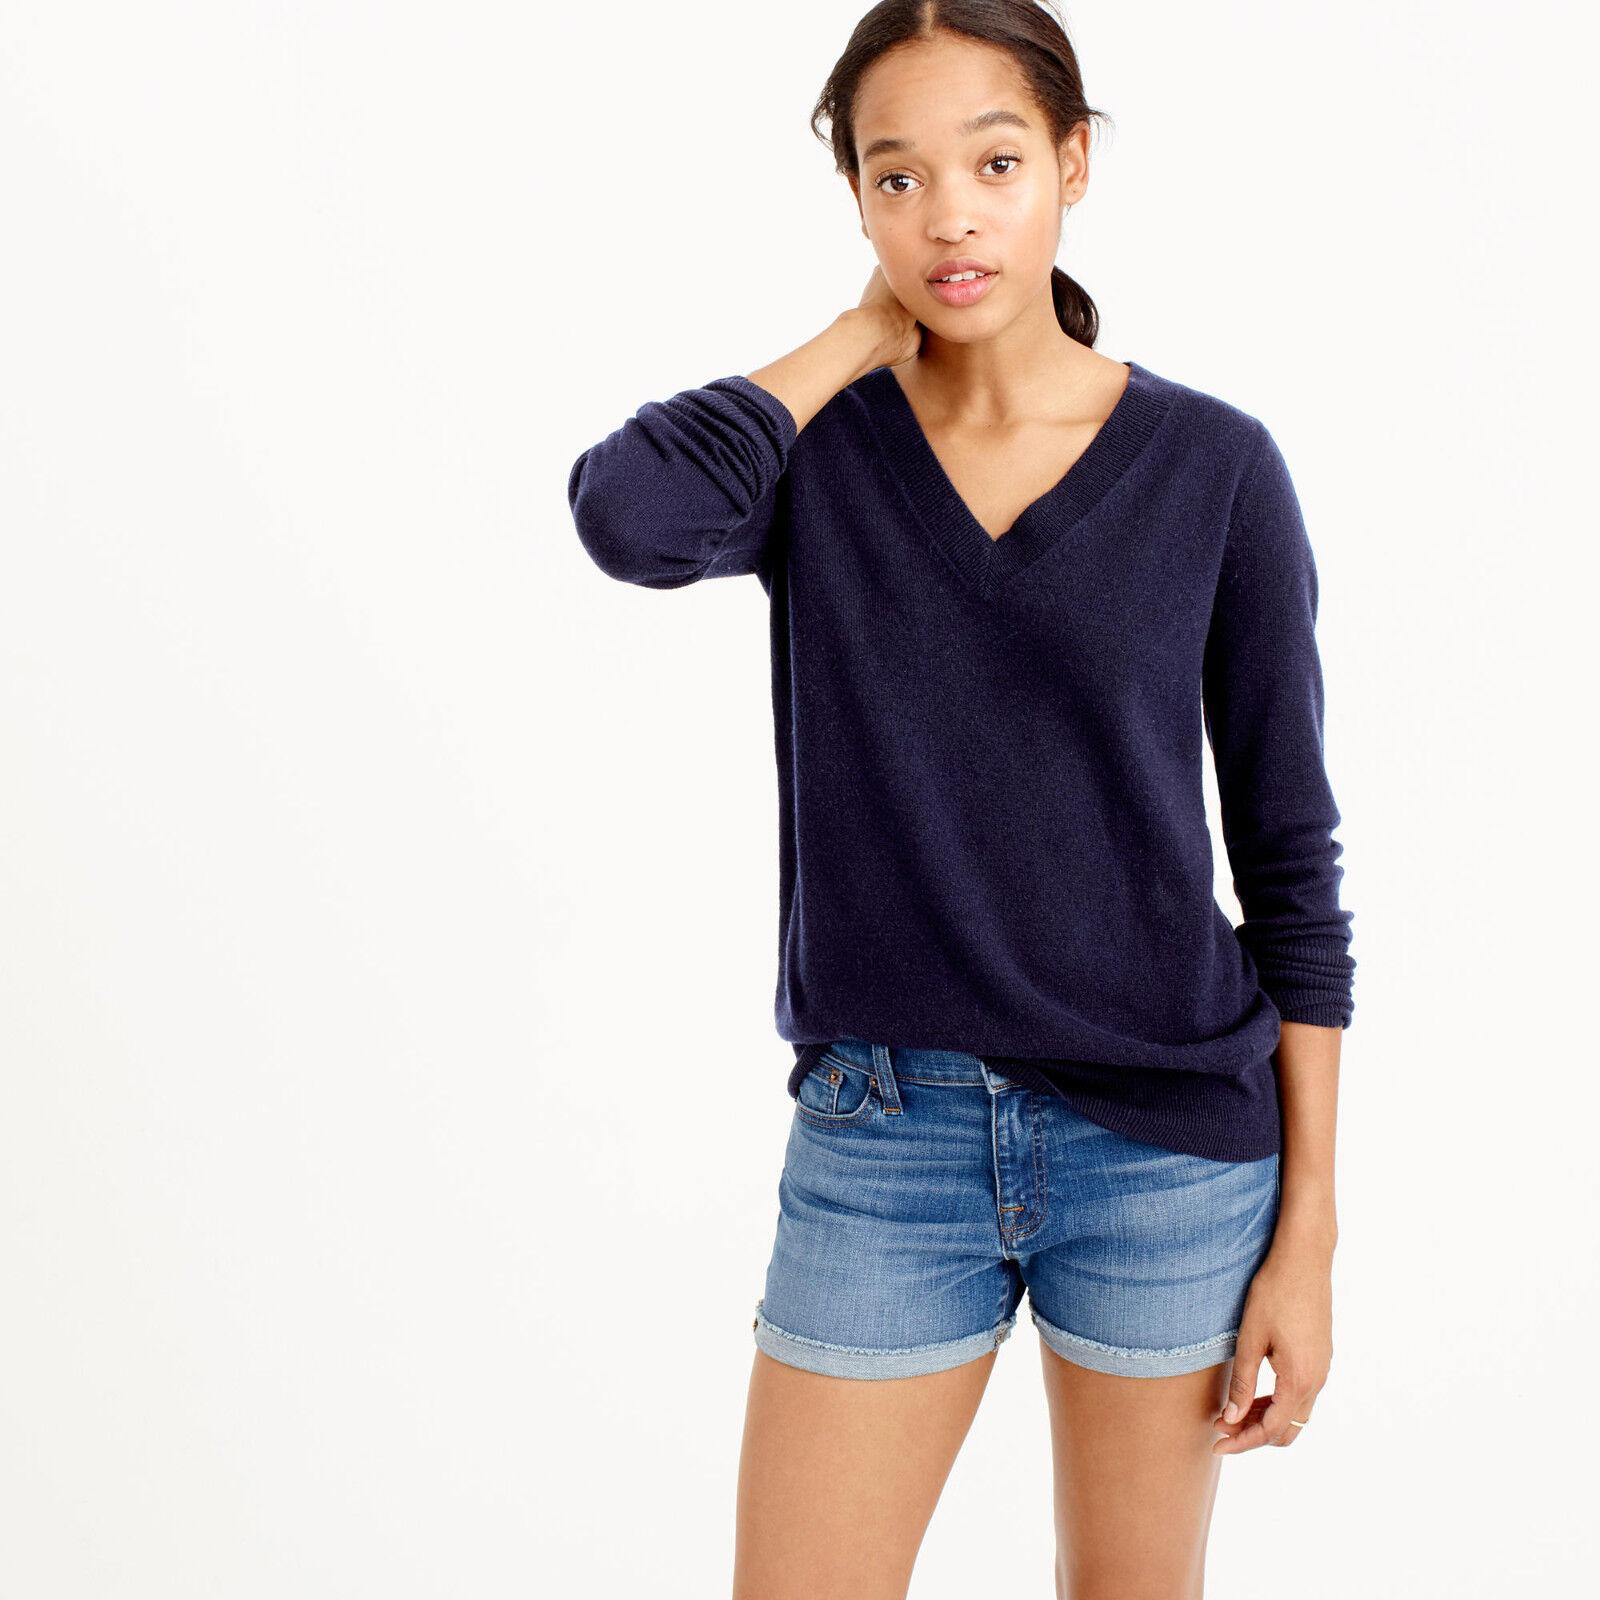 NWT - J.CREW - Italian Cashmere V-Neck Sweater - sz XXS XS (braun or Grün)  188